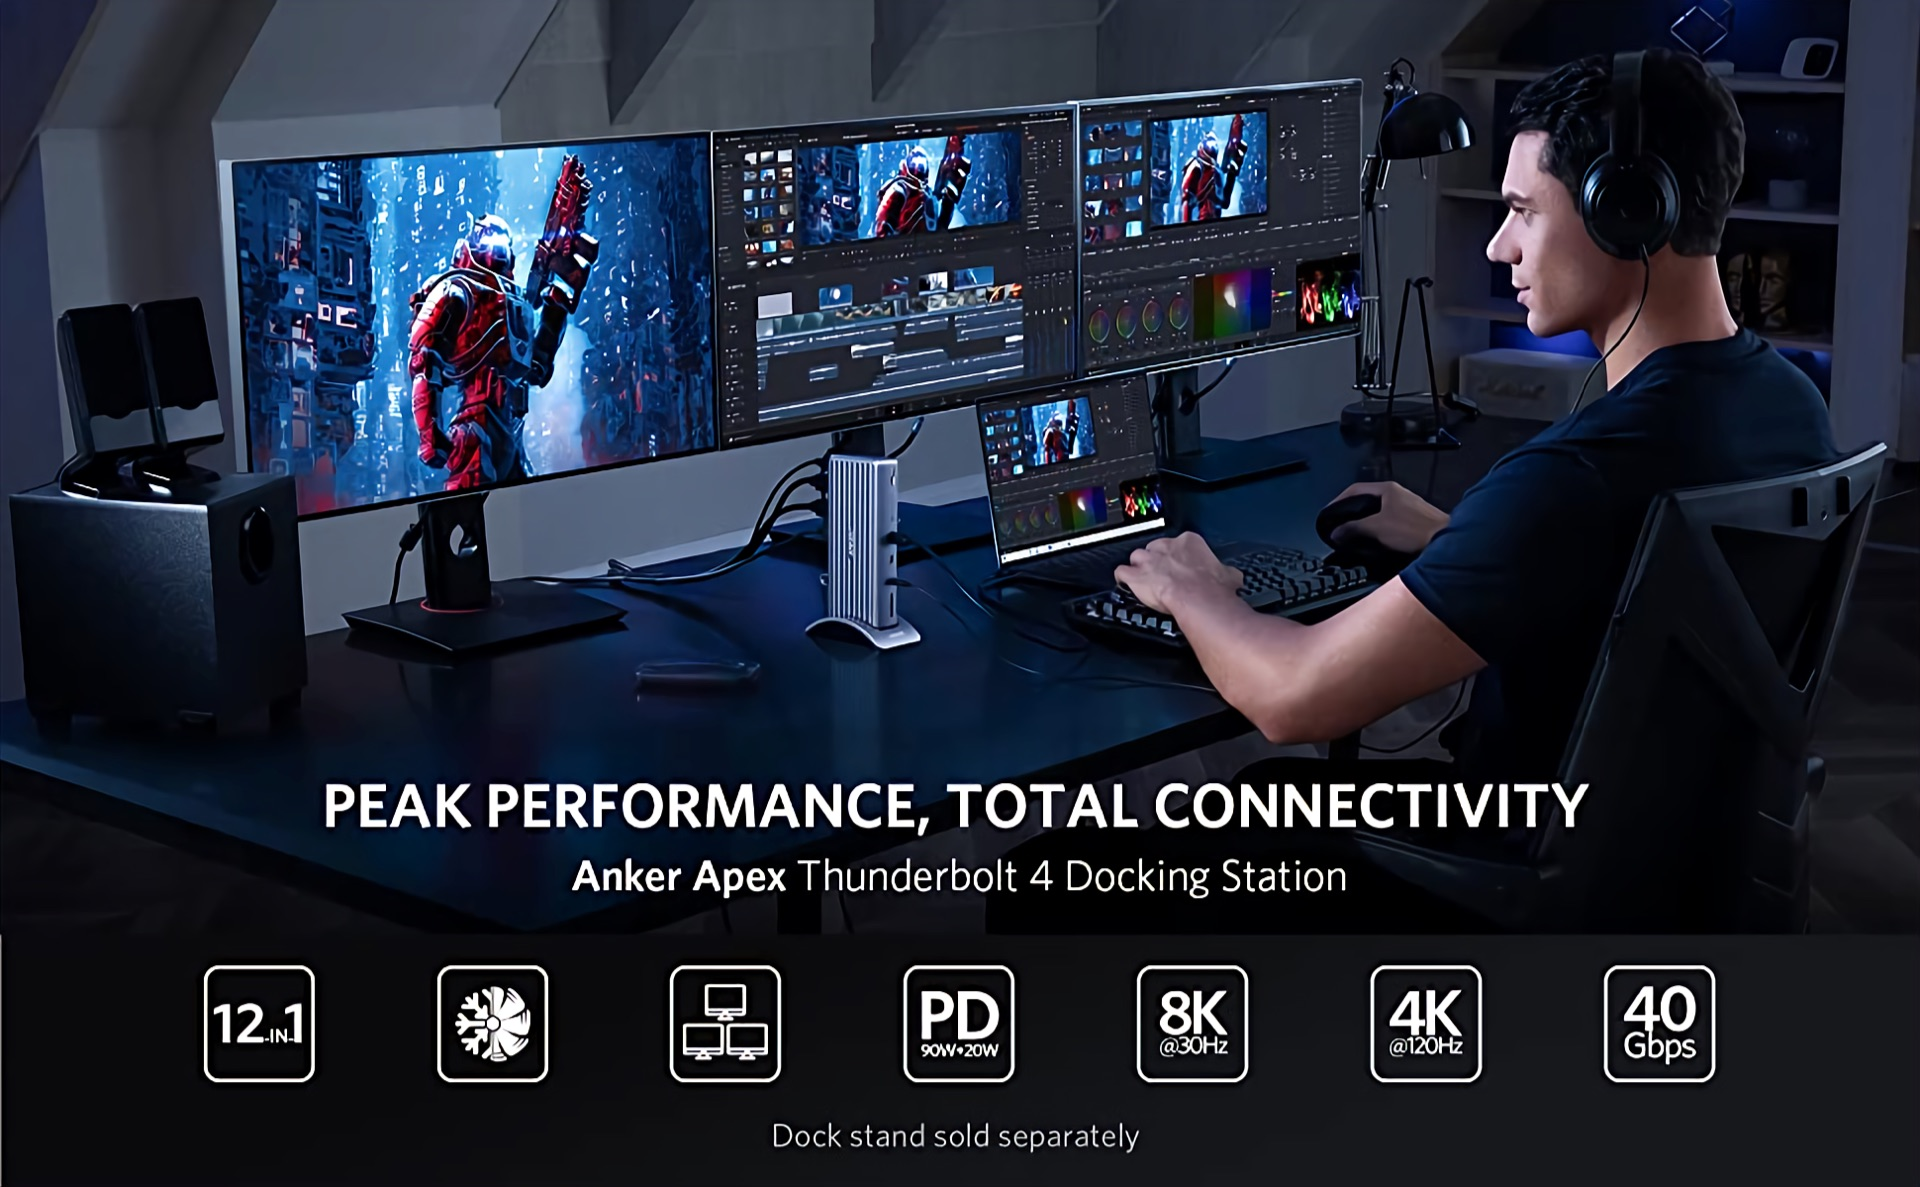 Anker Apex Thunderbolt 4 Docking Station